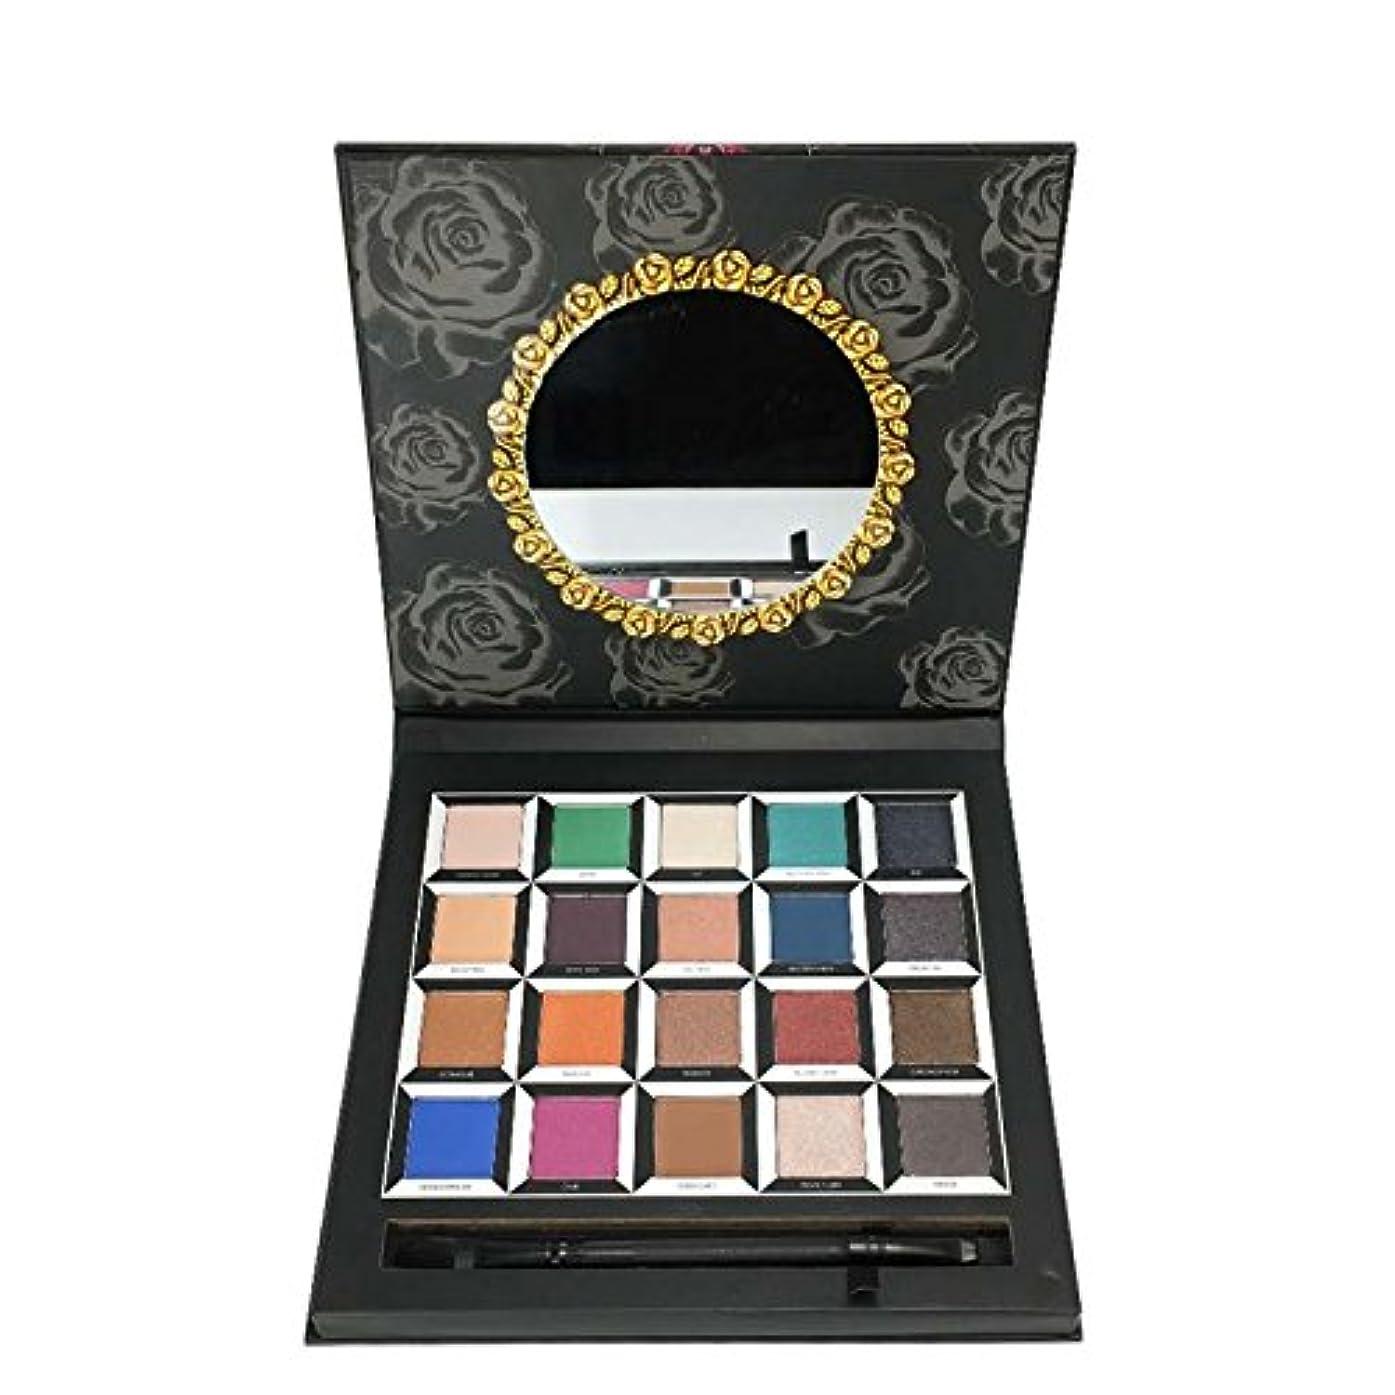 悔い改めるファーム解釈する(3 Pack) OKALAN Pressed Pigment Palette Eyeshadow Palette (並行輸入品)